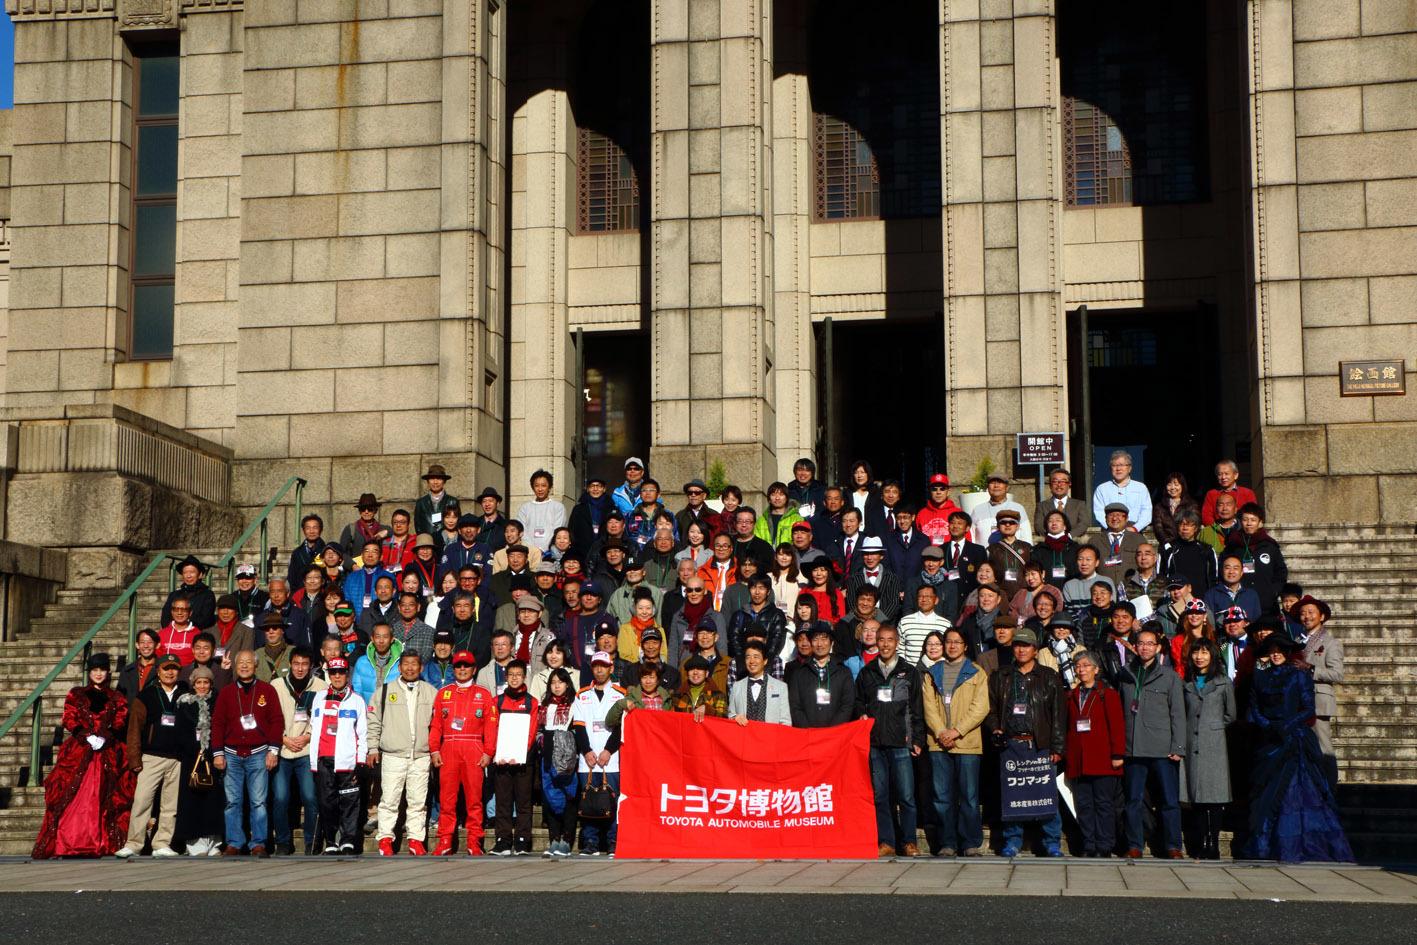 イベント開催を記念し、参加車両のオーナーとトヨタ博物館の布垣館長との記念撮影も行われた